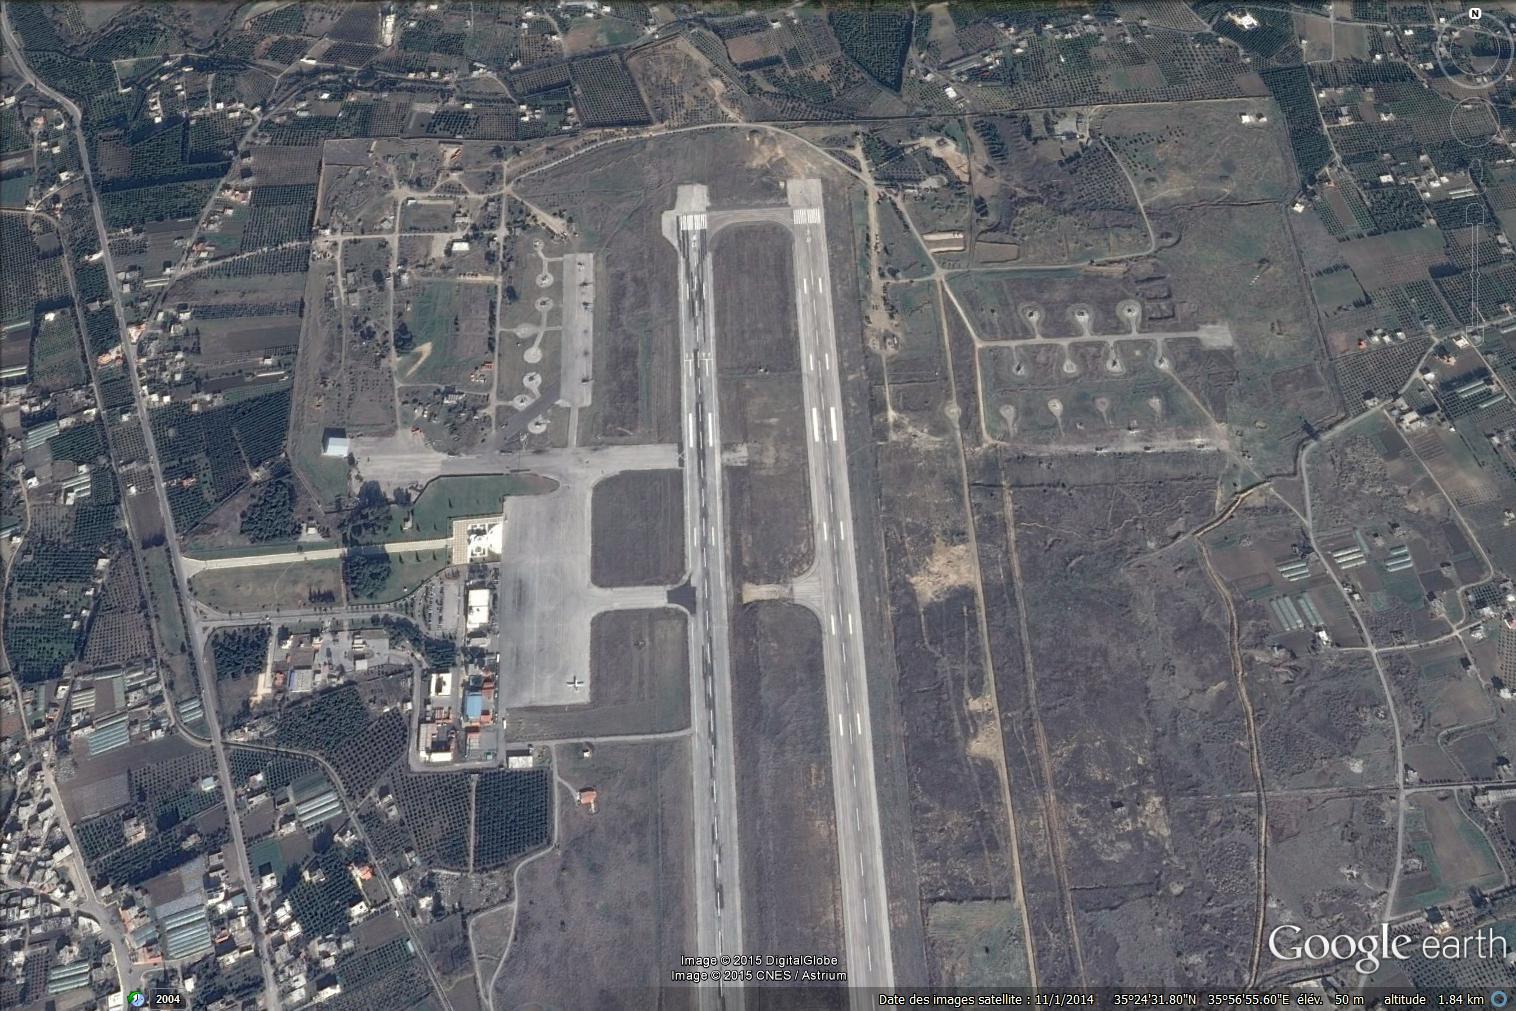 Syrie - Lattaquié - aéroport avant arrivée avions russes - avant travaux - Google Earth